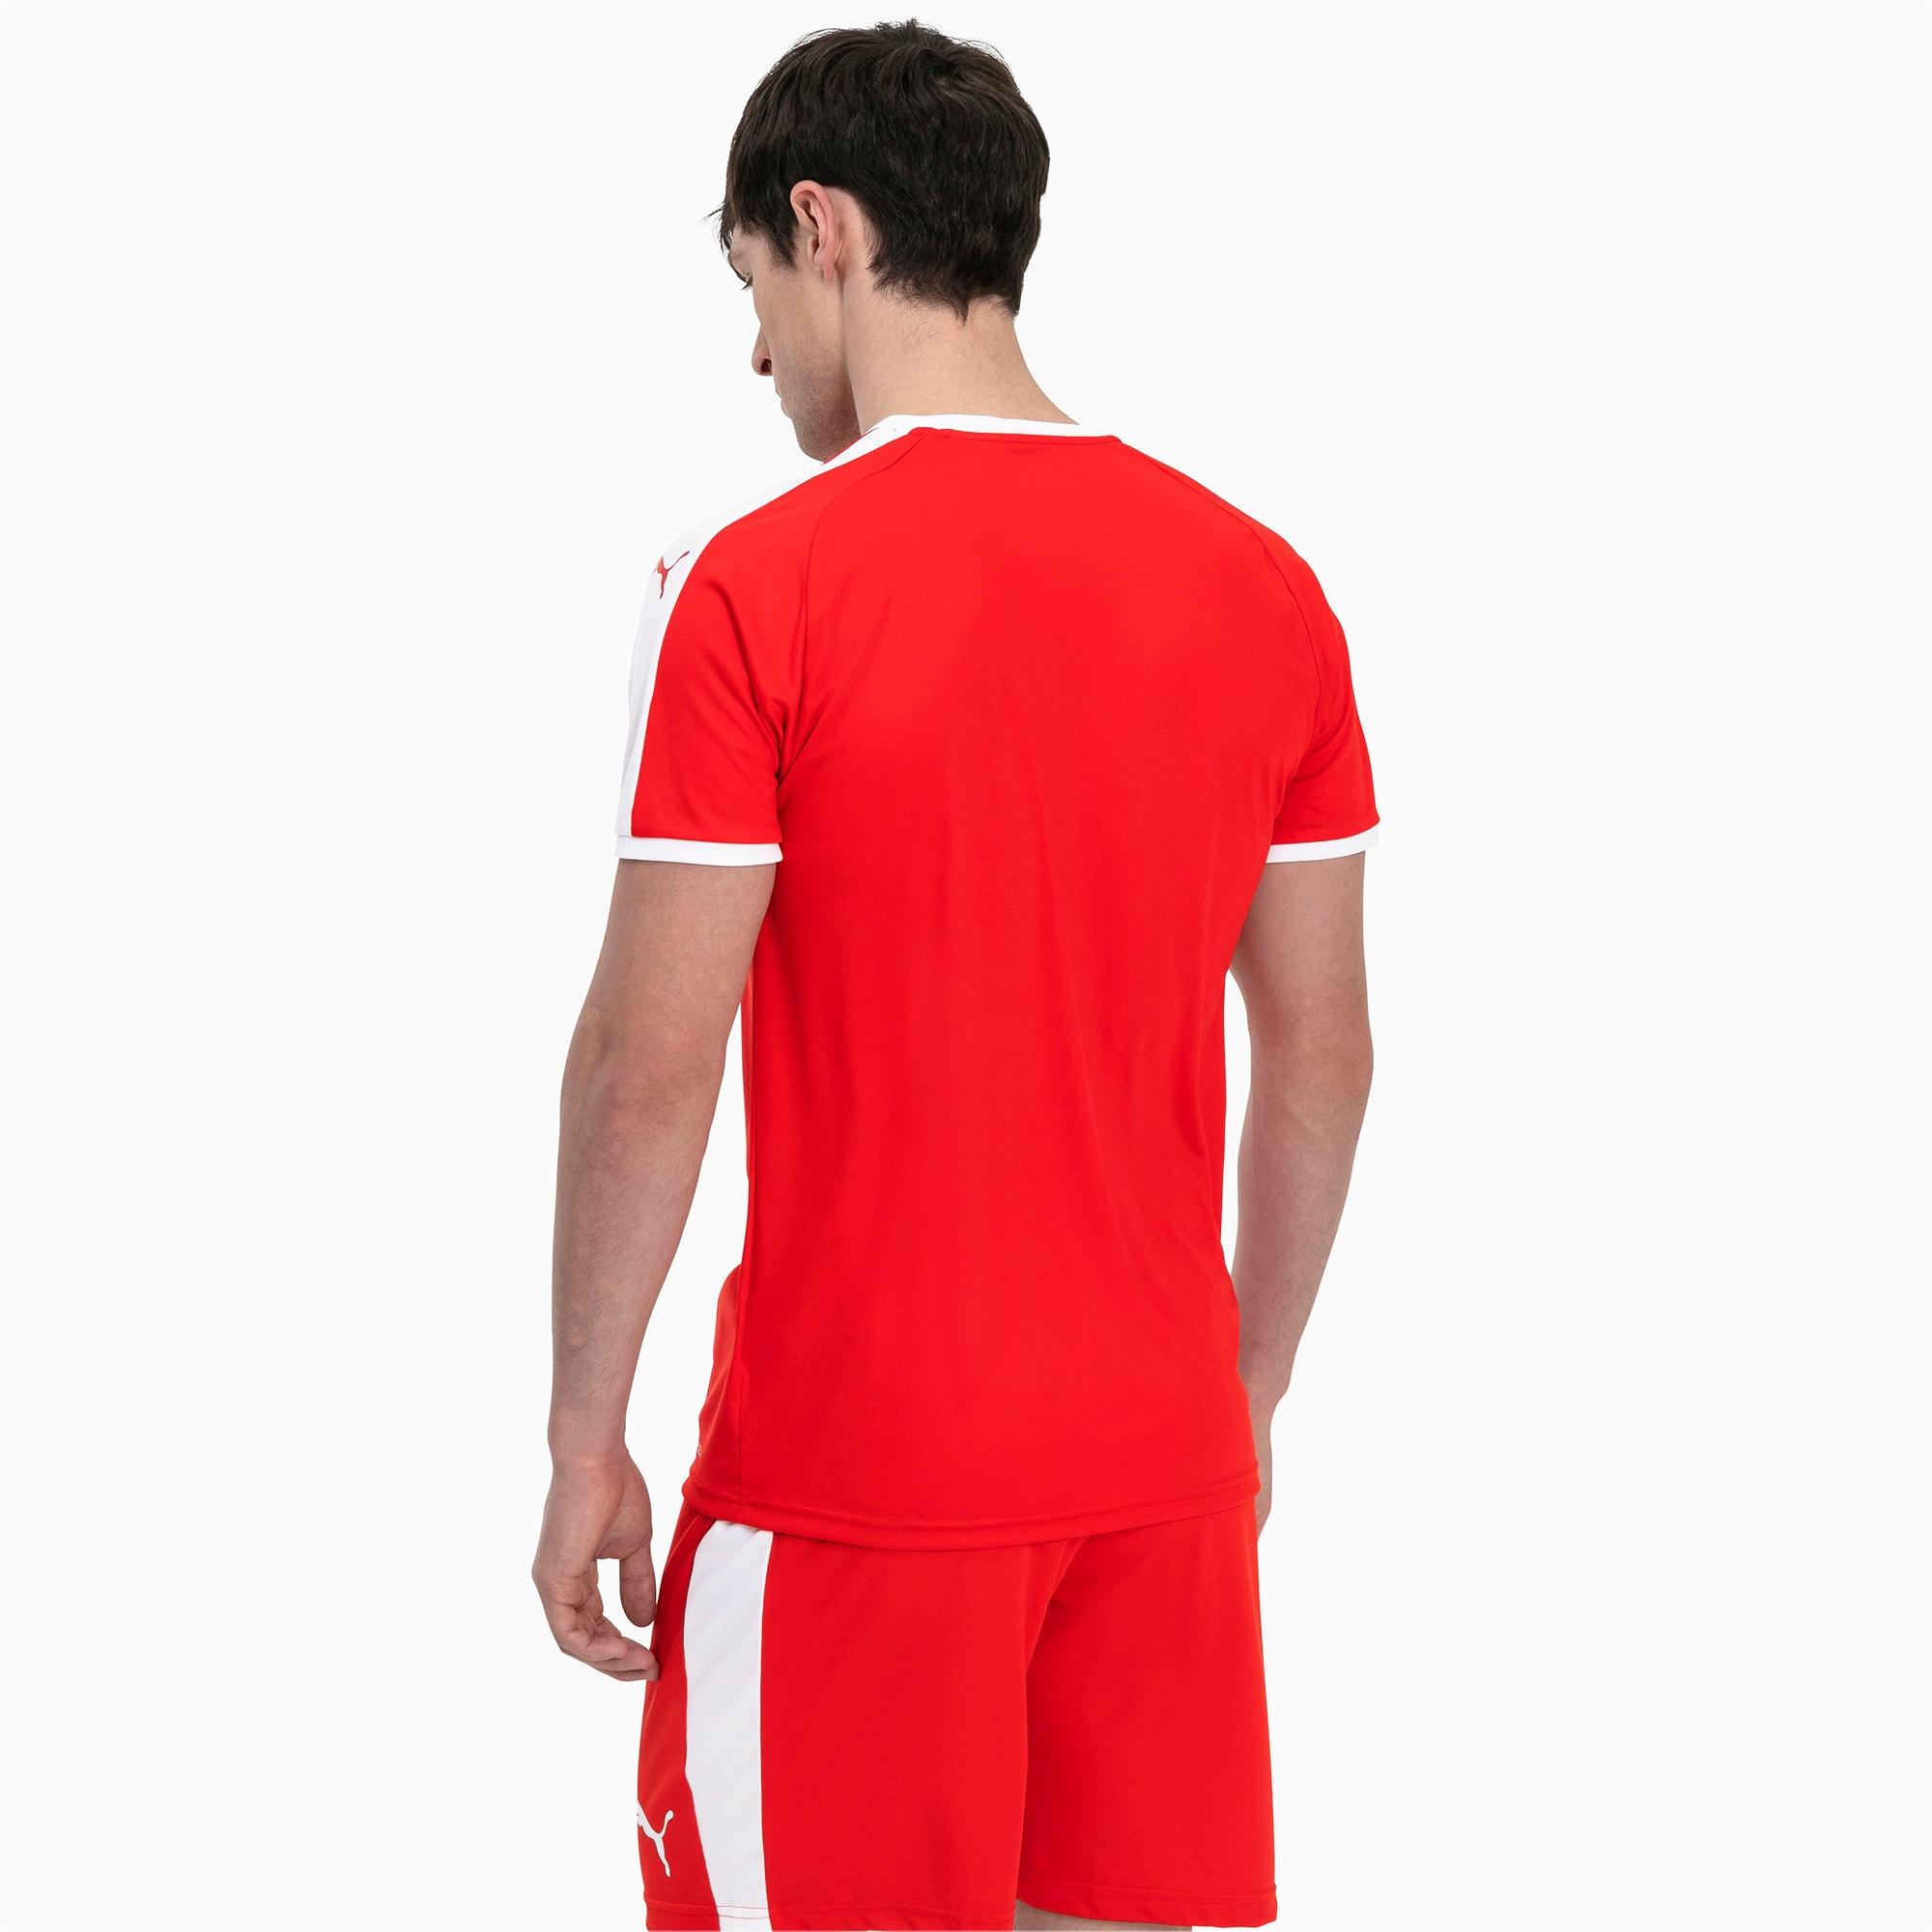 Thumbnail 2 of Liga shirt voor heren, Puma Red-Puma White, medium